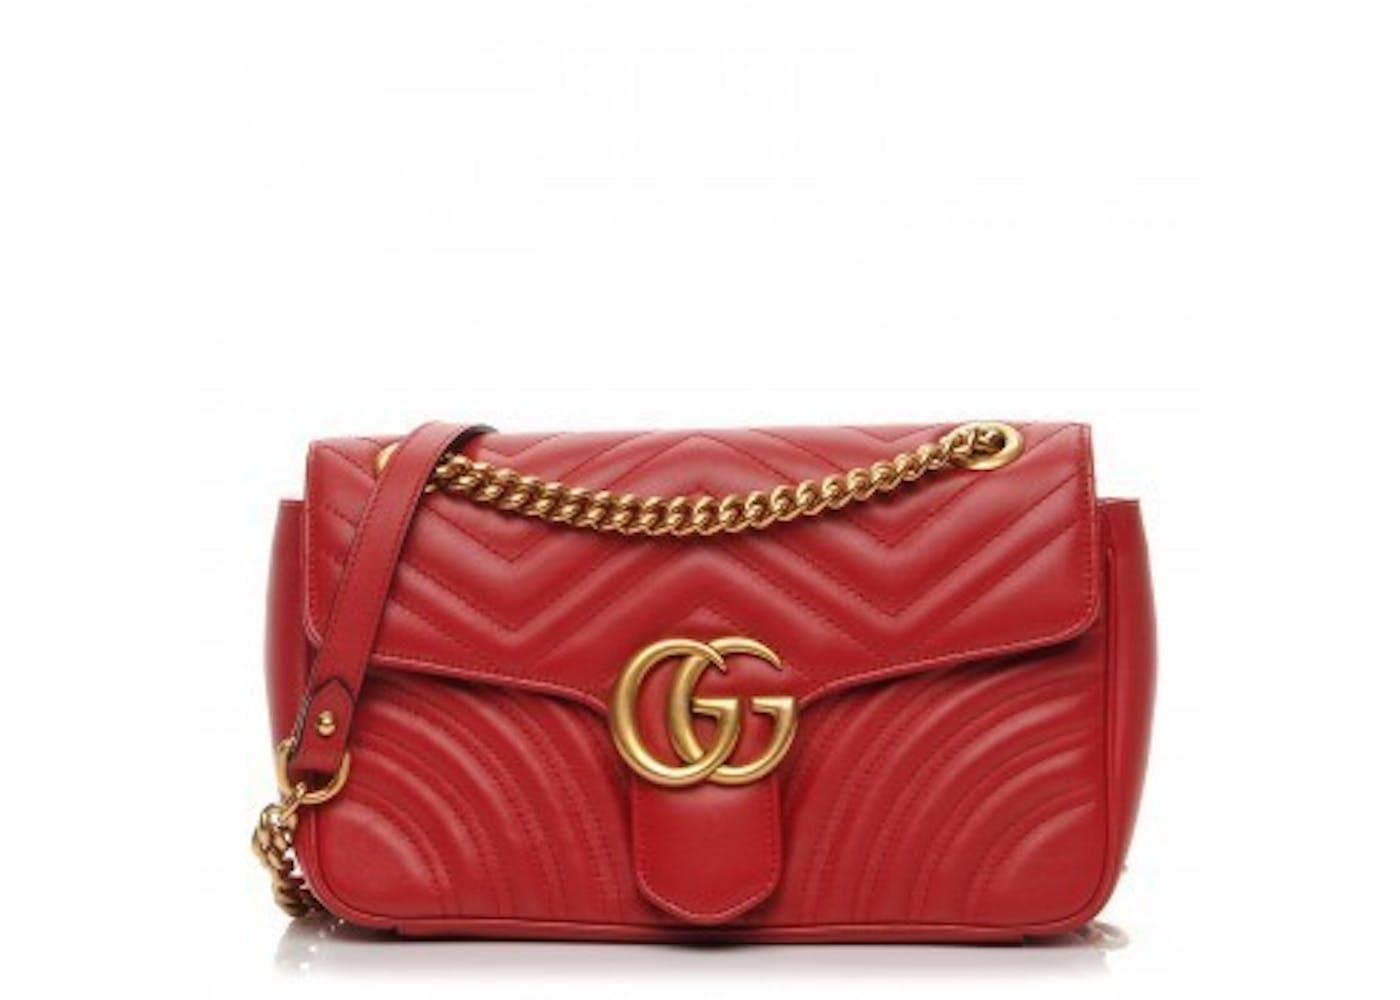 Gucci Handbags Small